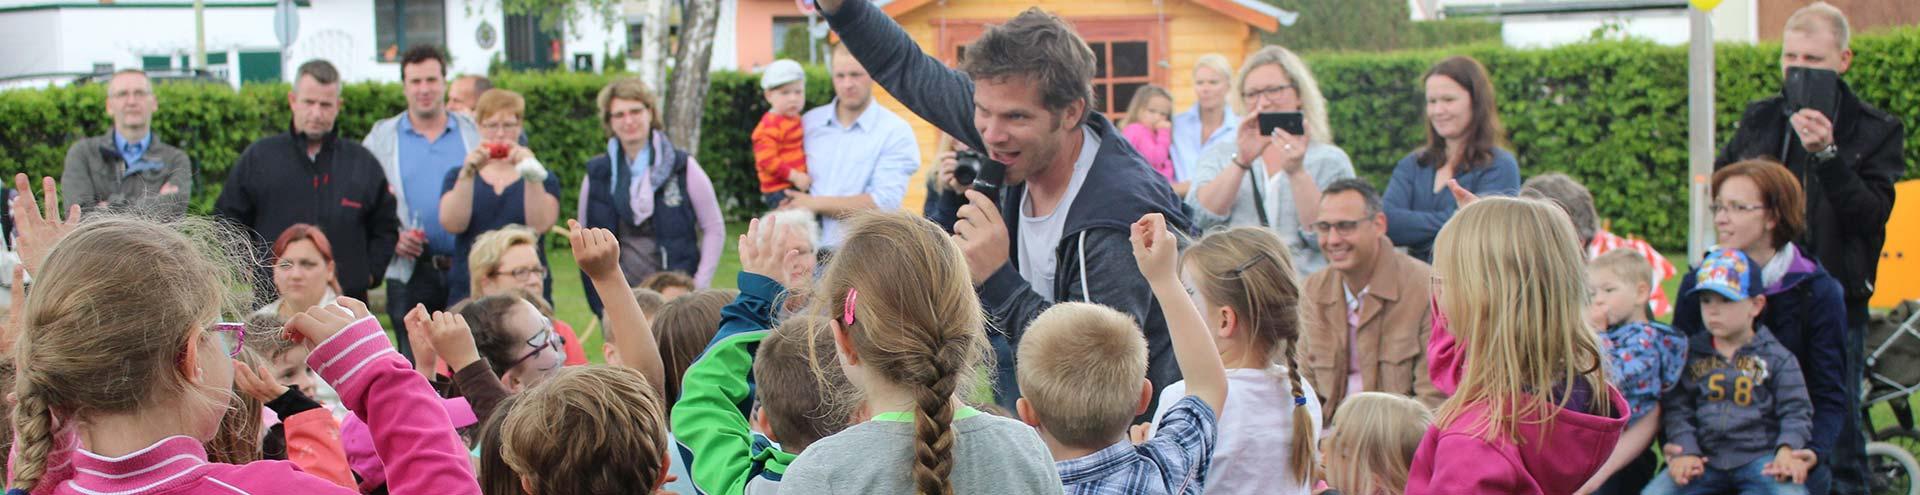 Kindermusiker aus der Eifel ♫ Uwe Reetz ♫ Bei einer Party